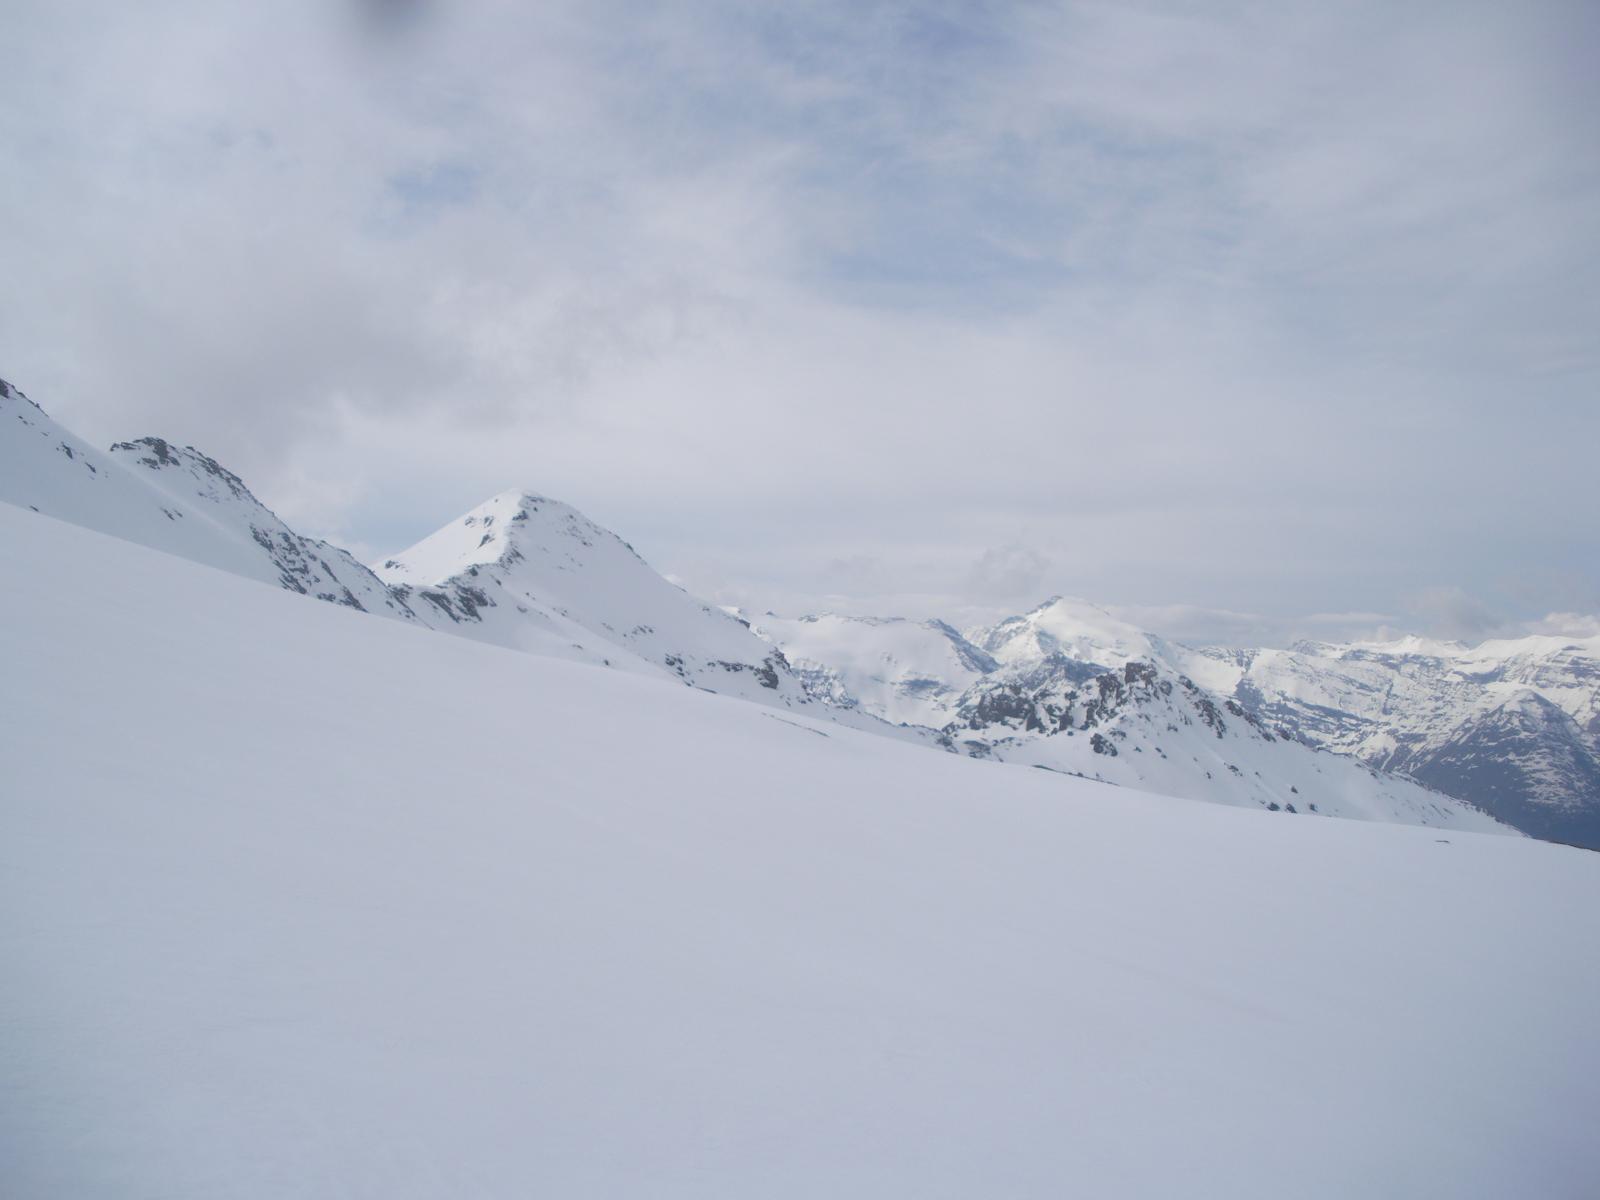 L'Ouille Noire dal ghiacciaio di Pissaillas..